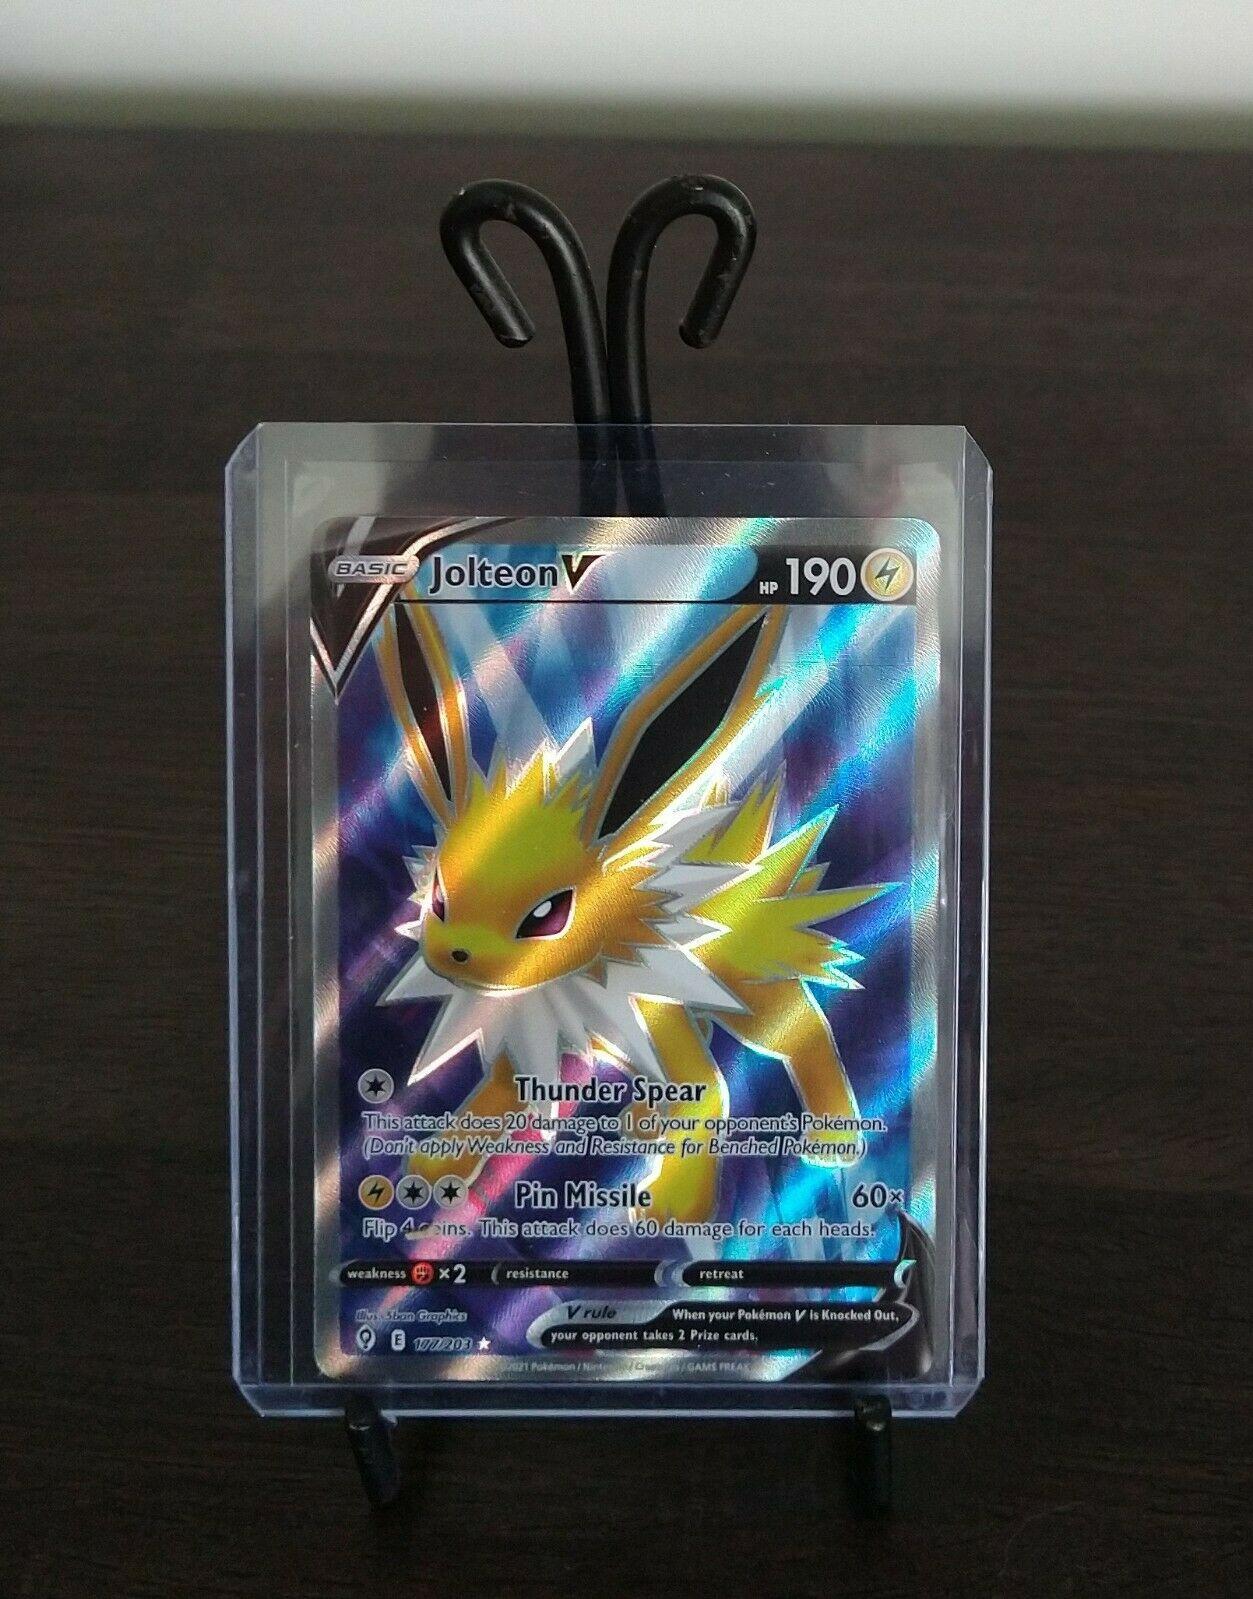 Jolteon V 177/203 Evolving Skies NM Full Art Ultra Rare Pokemon Card *fresh*